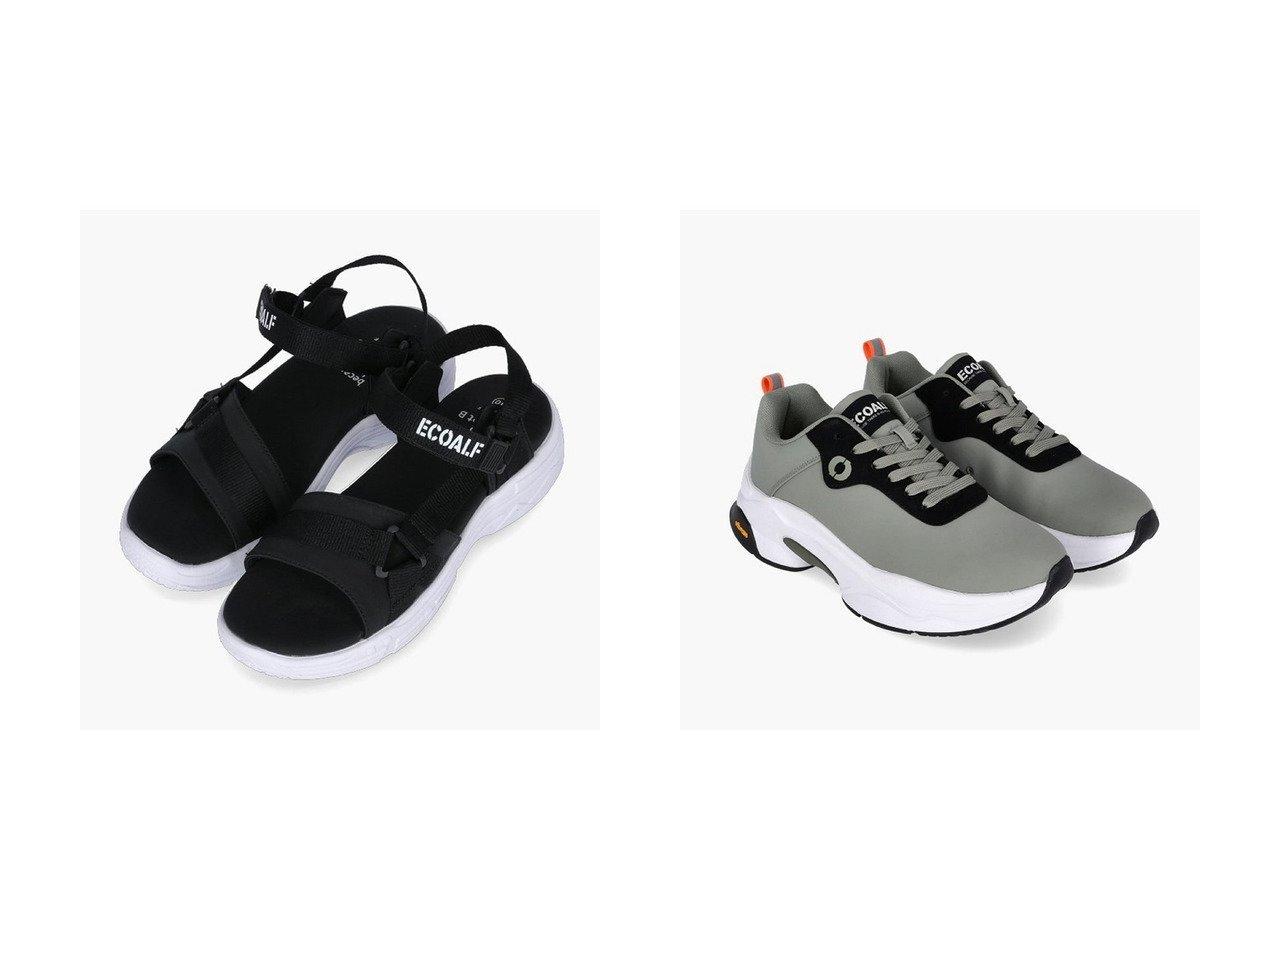 【ECOALF/エコアルフ】のMONSTER スニーカー MONSTER SNEAKERS&SOFIA サンダル SOFIA SANDALS 【シューズ・靴】おすすめ!人気、トレンド・レディースファッションの通販 おすすめで人気の流行・トレンド、ファッションの通販商品 インテリア・家具・メンズファッション・キッズファッション・レディースファッション・服の通販 founy(ファニー) https://founy.com/ ファッション Fashion レディースファッション WOMEN スニーカー トレンド 再入荷 Restock/Back in Stock/Re Arrival 厚底 軽量  ID:crp329100000045148